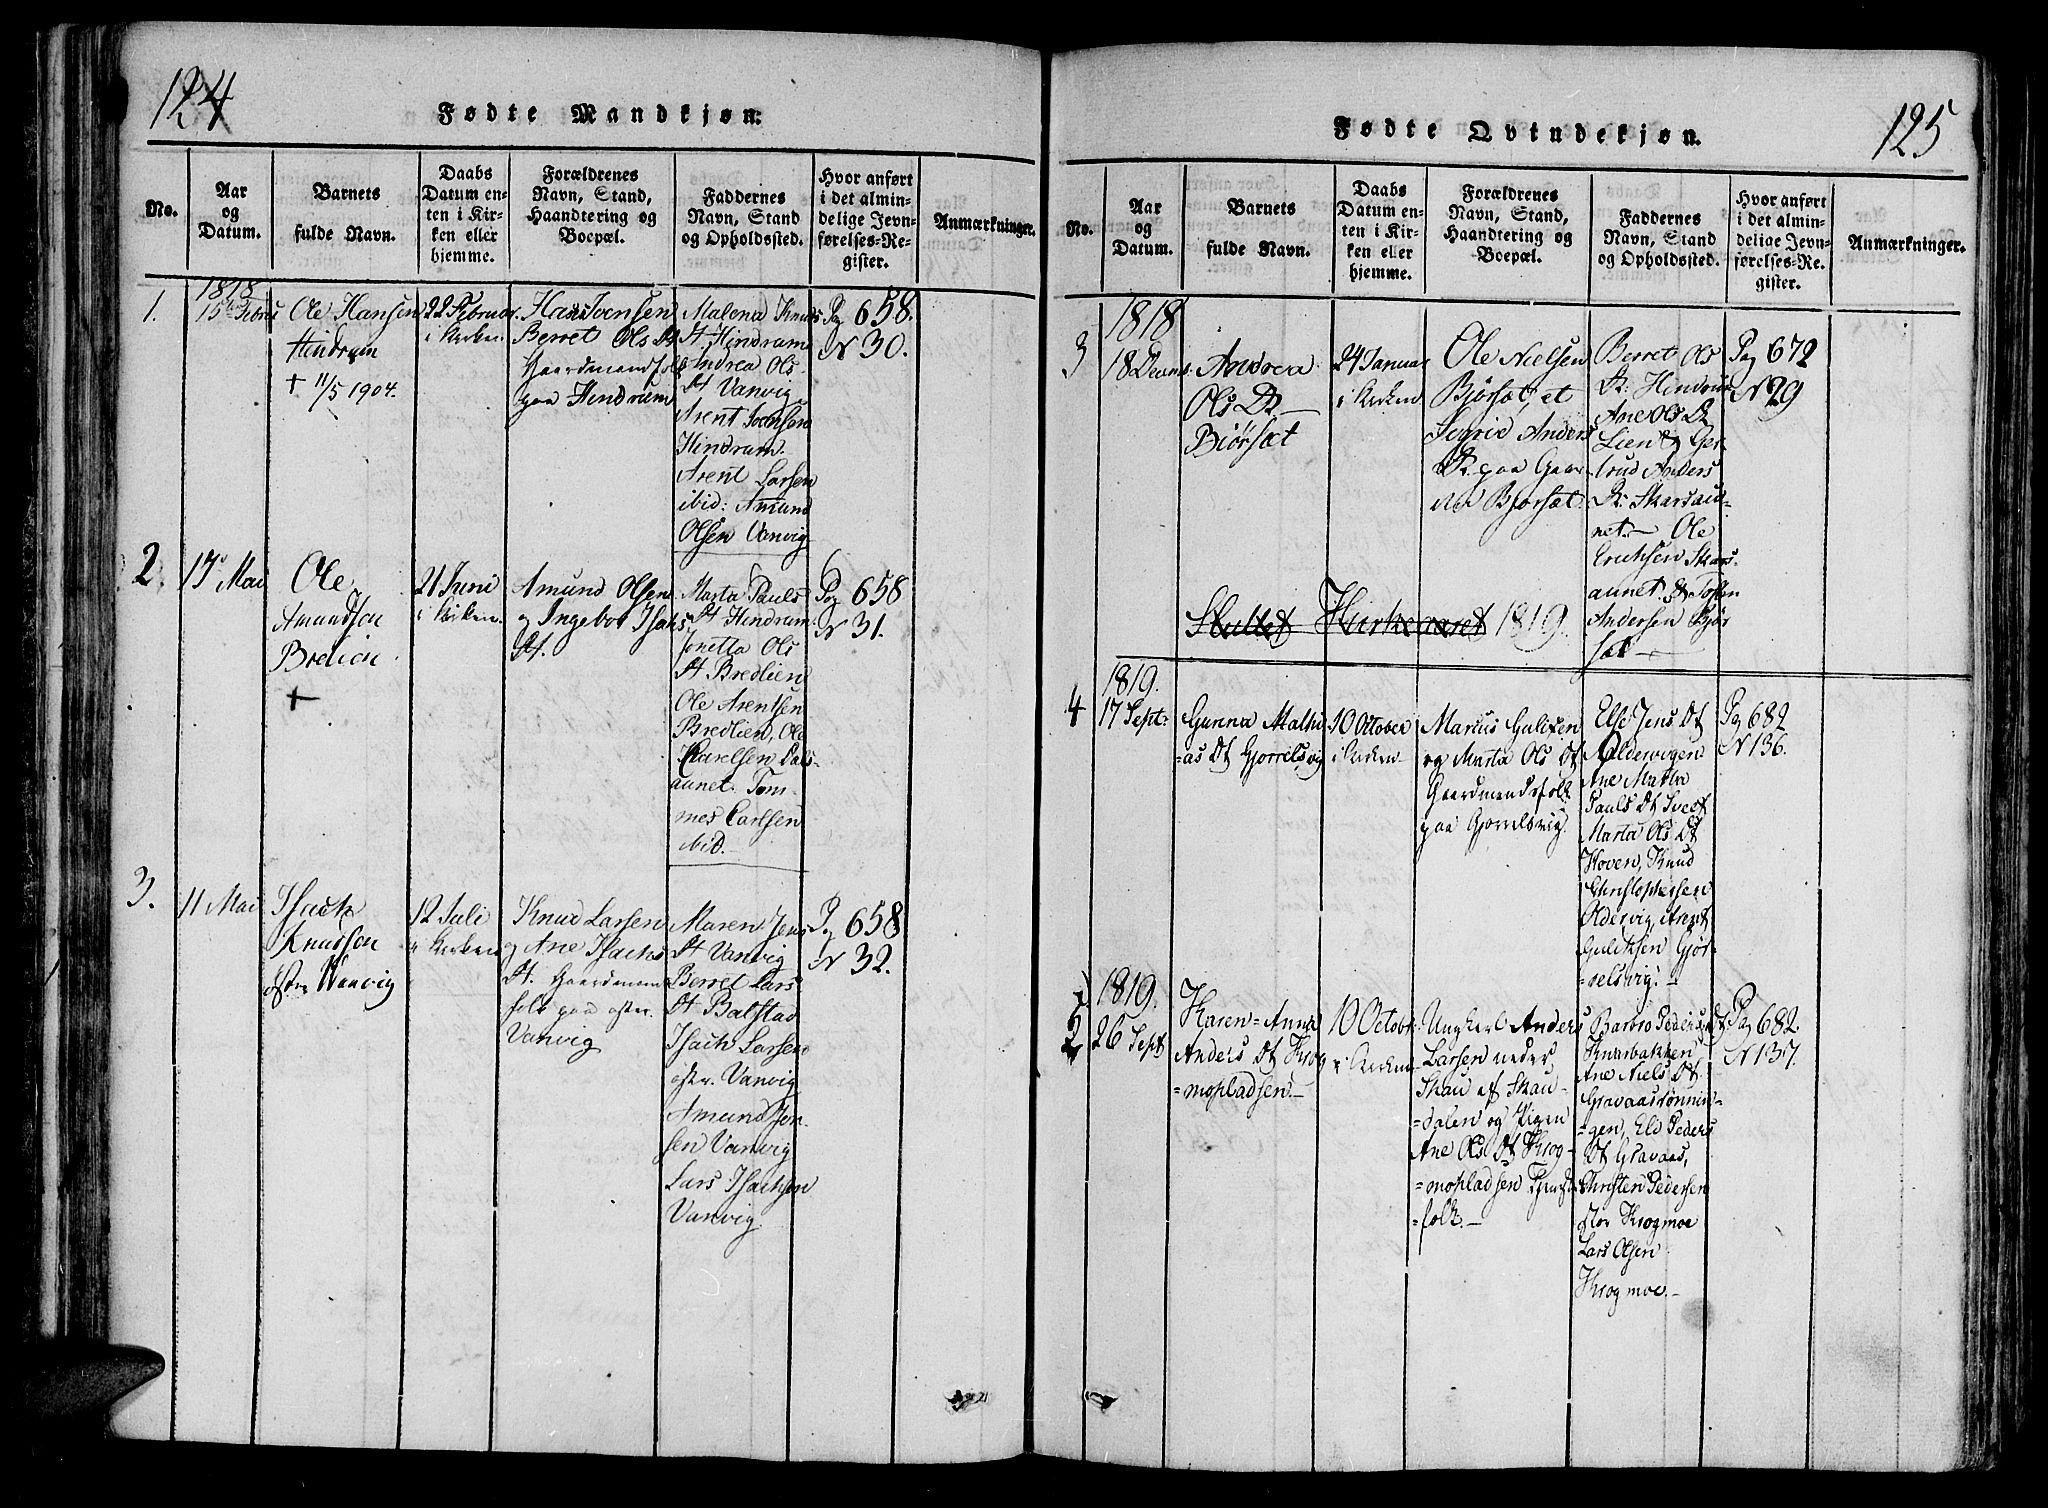 SAT, Ministerialprotokoller, klokkerbøker og fødselsregistre - Nord-Trøndelag, 701/L0005: Ministerialbok nr. 701A05 /2, 1816-1825, s. 124-125